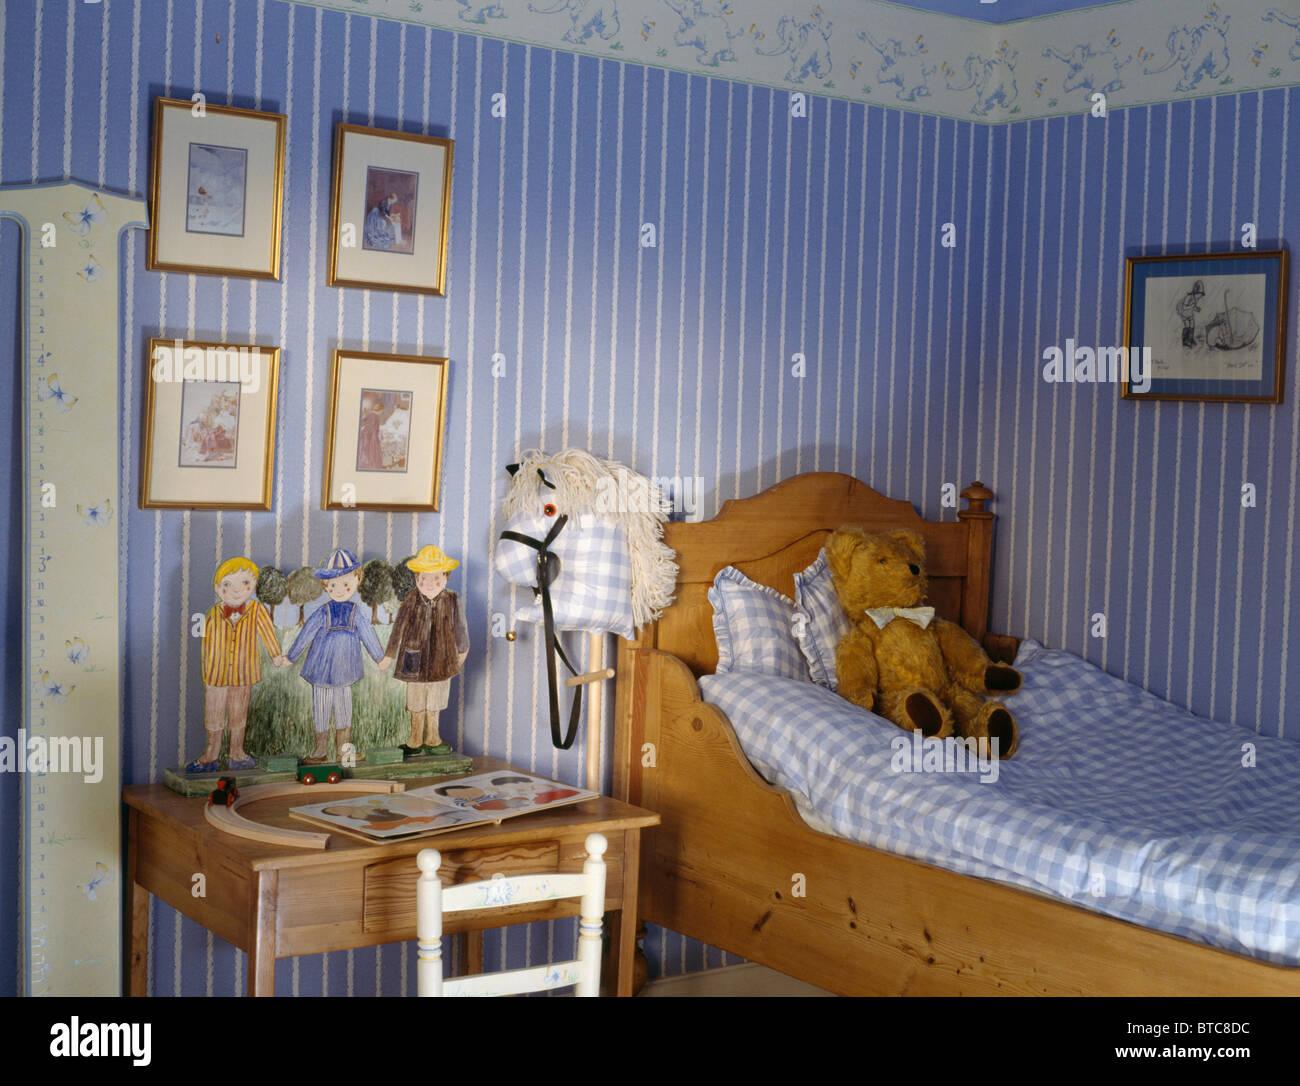 Tapete Kinderzimmer Weiß | Tapeten Für Kinderzimmer Jungen ...